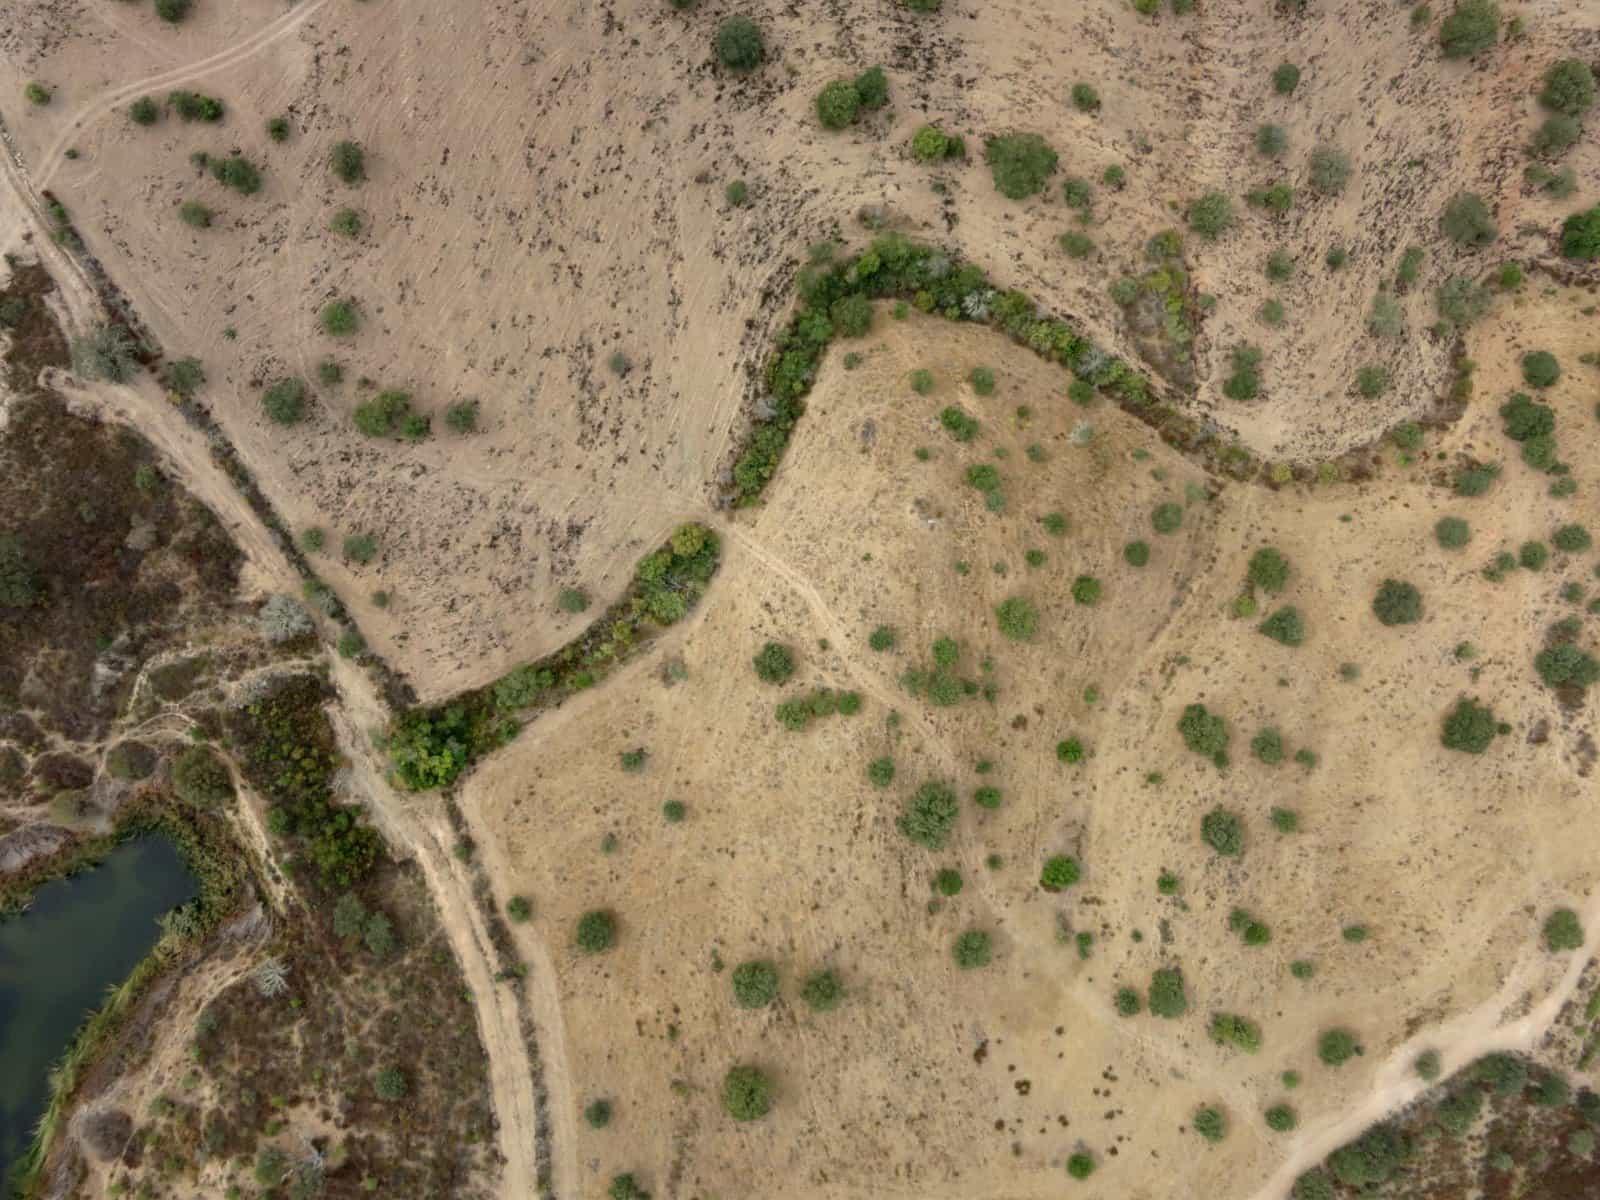 Vegetação ao longo de linha de água